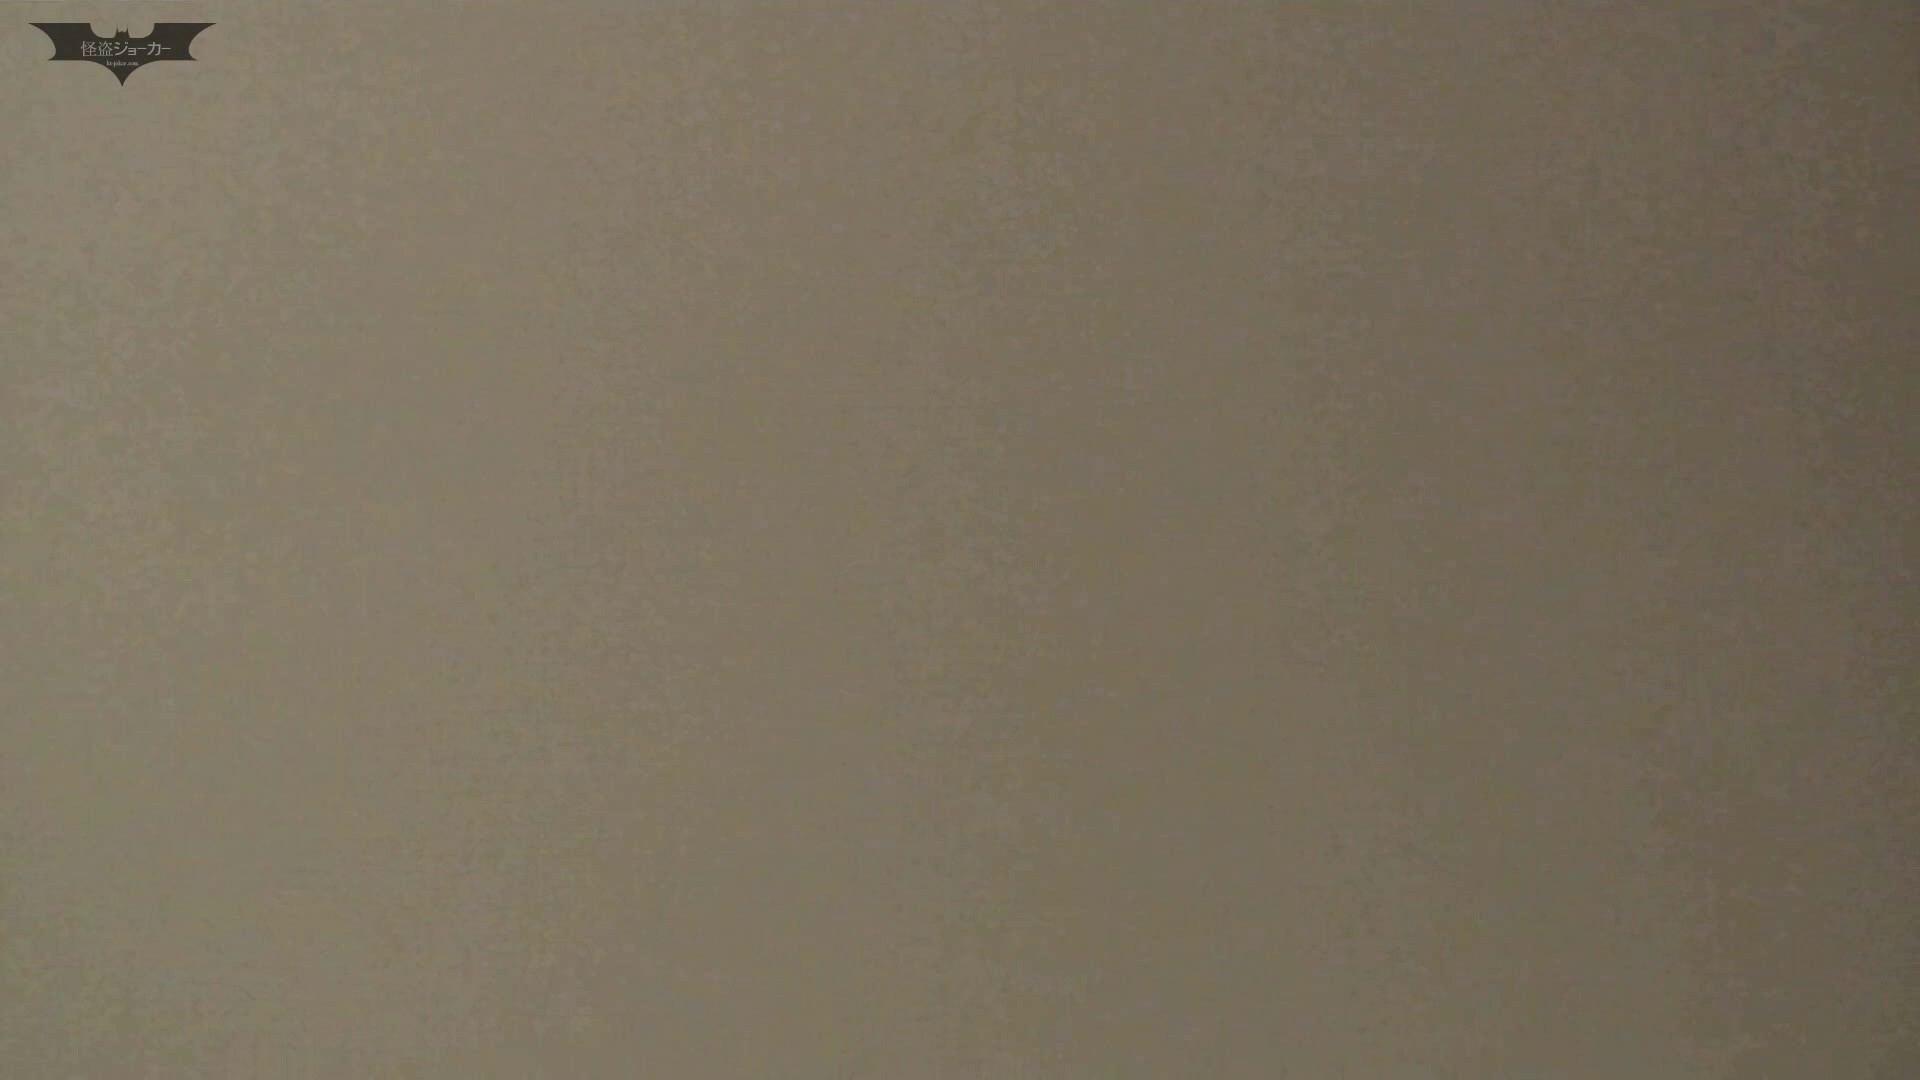 無修正ヌード お市さんの「お尻丸出しジャンボリー」 07 桃尻美女たっぷり!! 怪盗ジョーカー